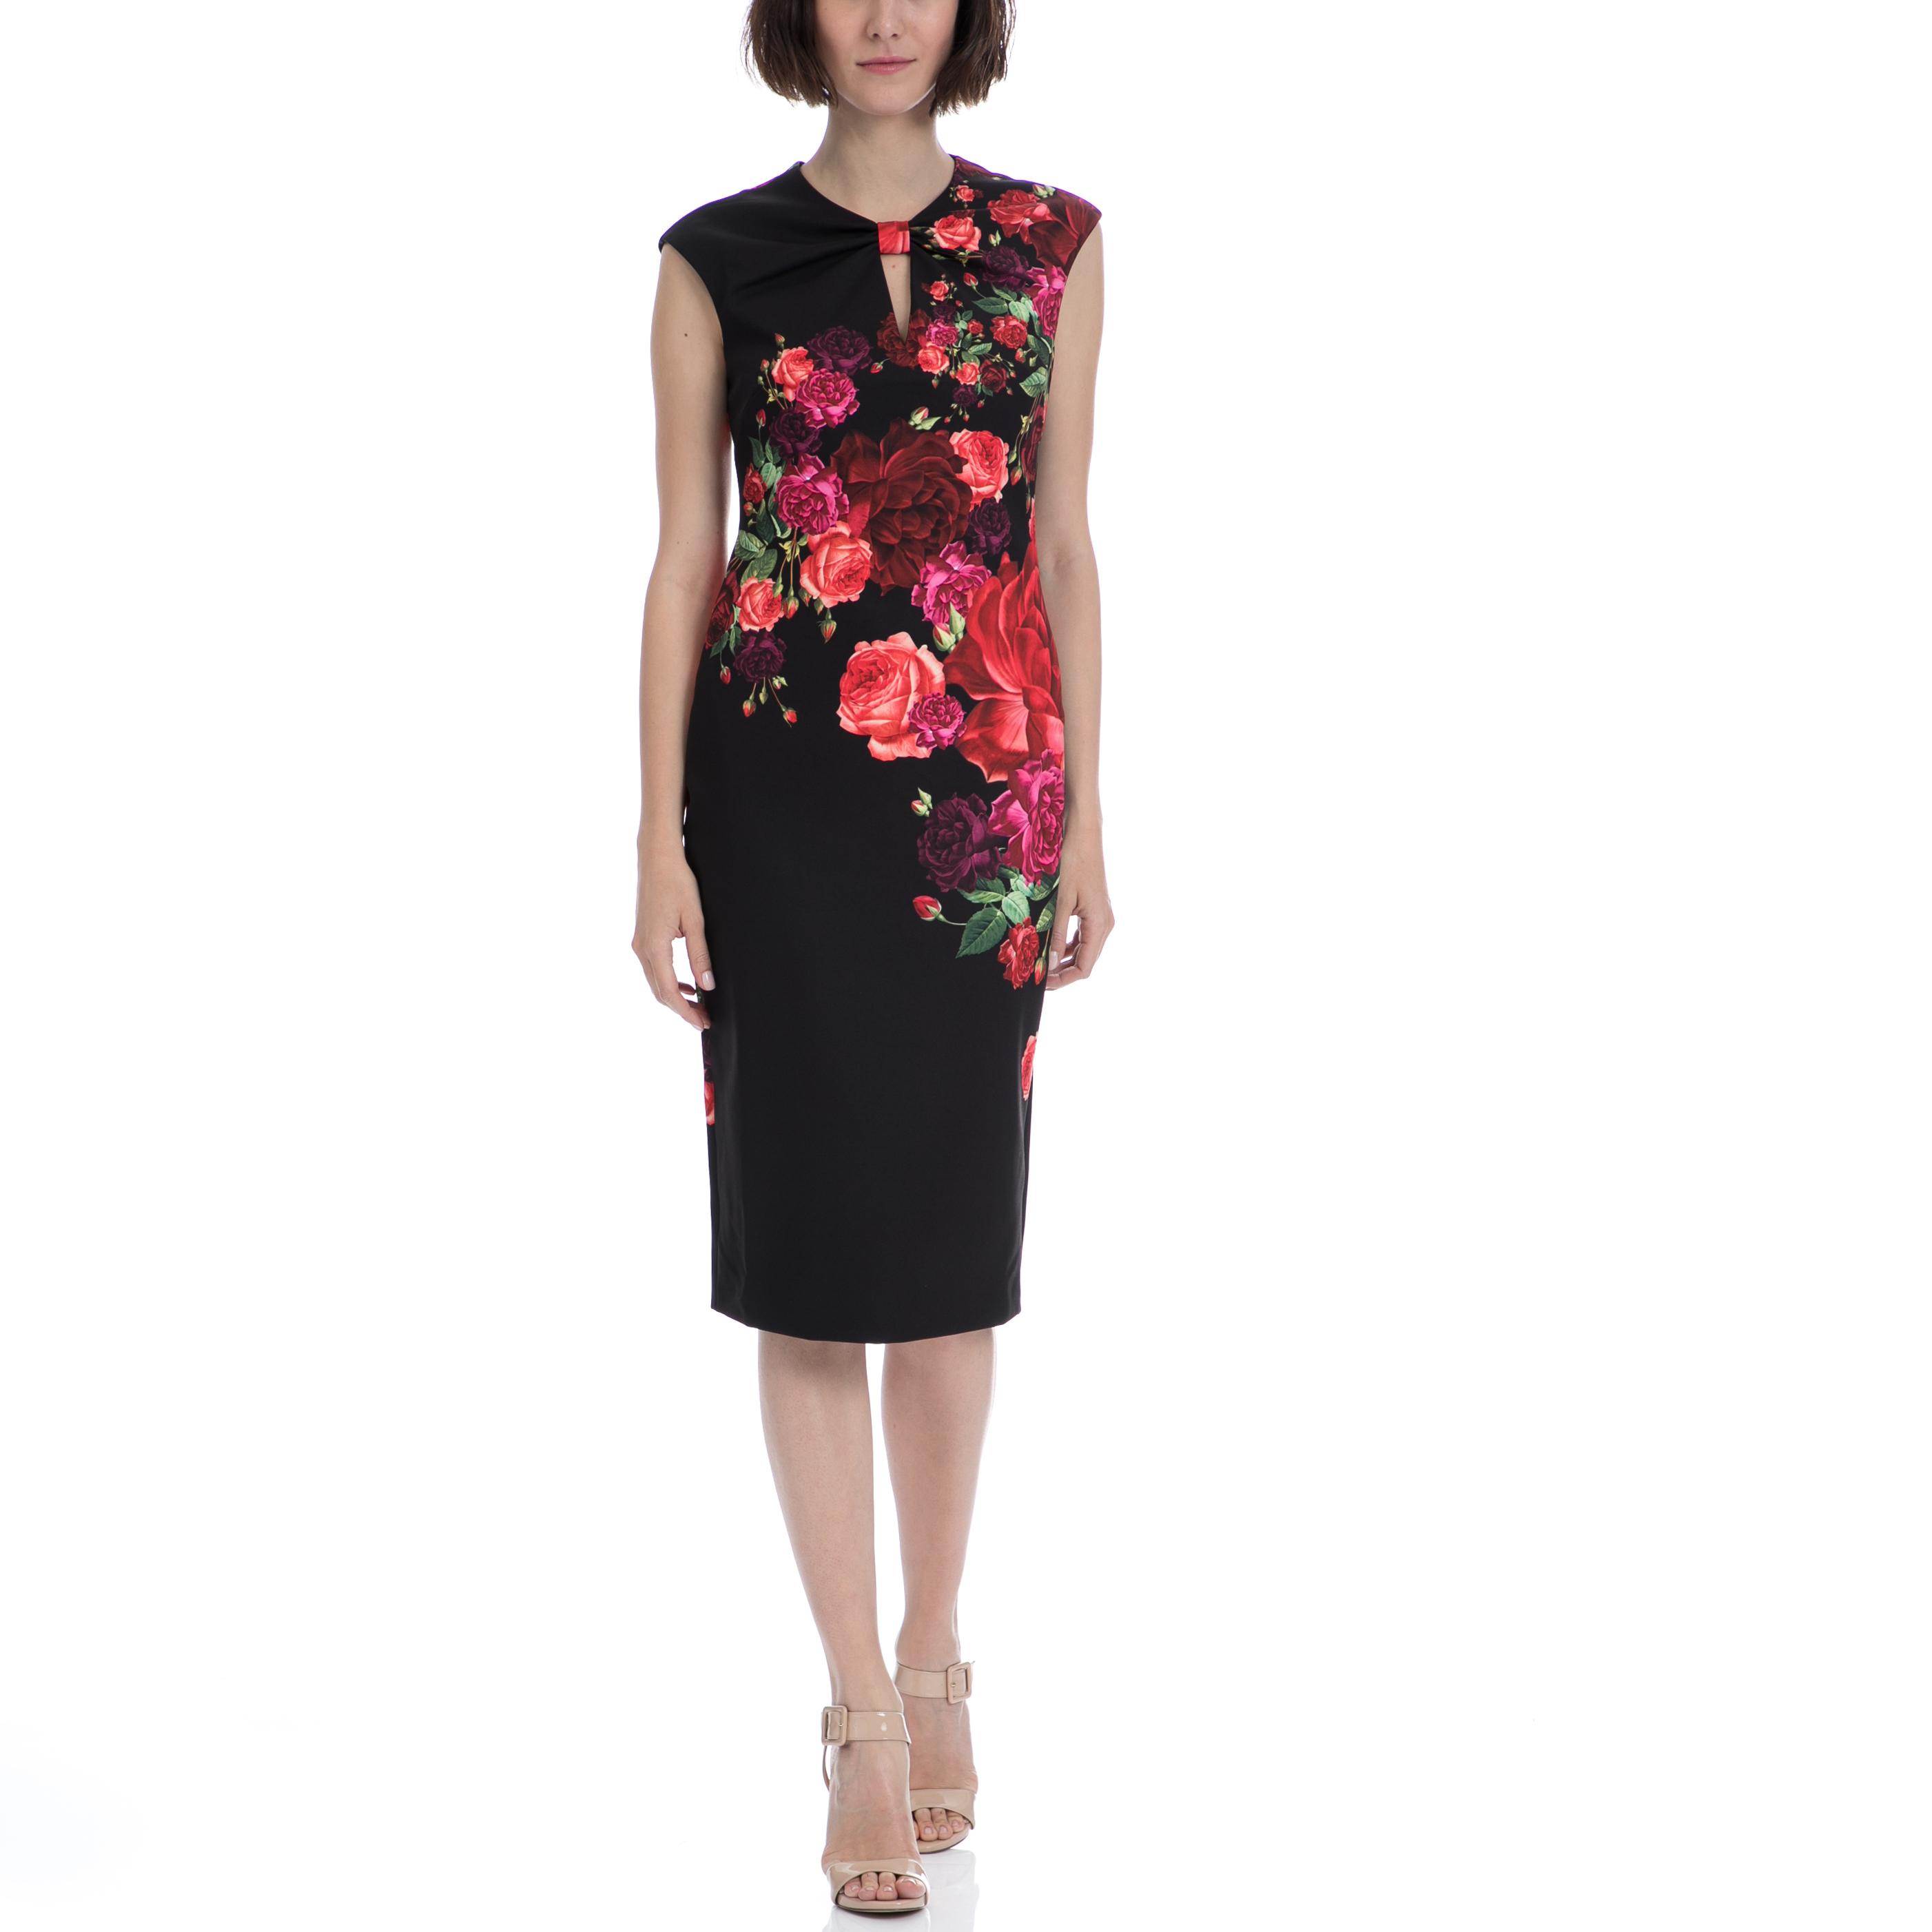 TED BAKER - Μίντι φόρεμα TED BAKER MIRRIE JUXTAPOSE ROSE KNOT DRESS μαύρο φλοράλ